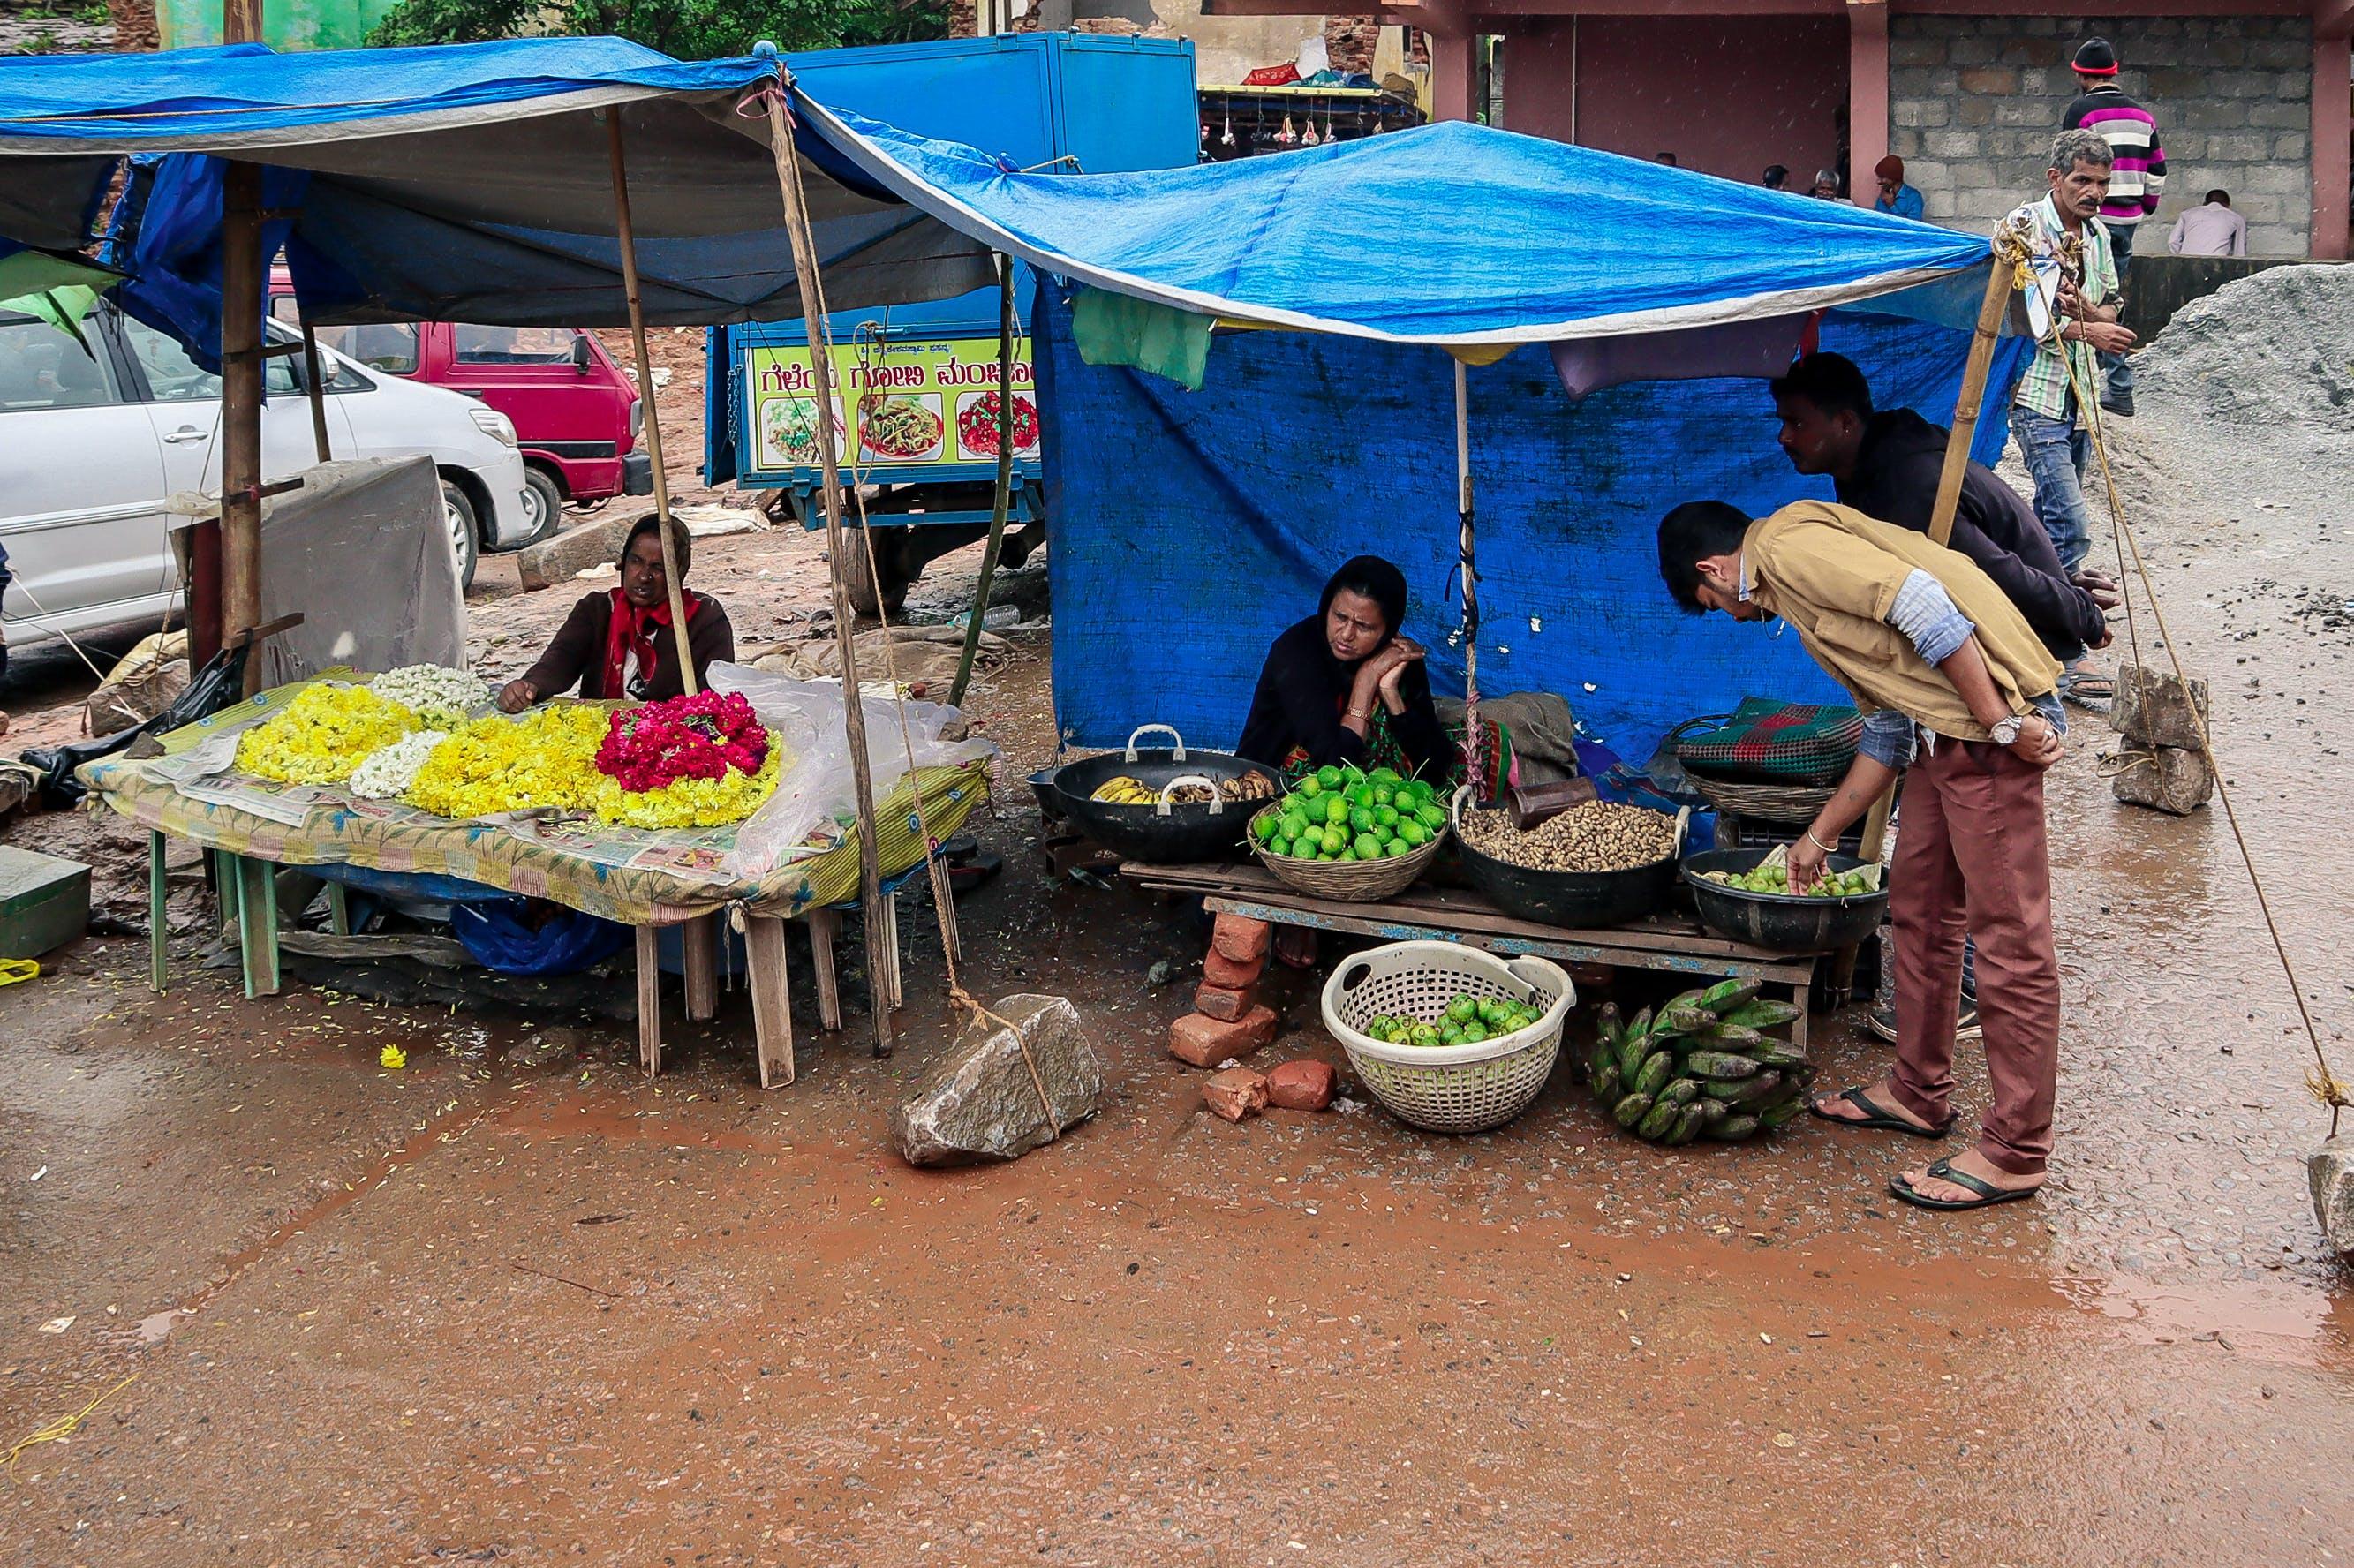 Free stock photo of #street #road #people #market #shop #roadside